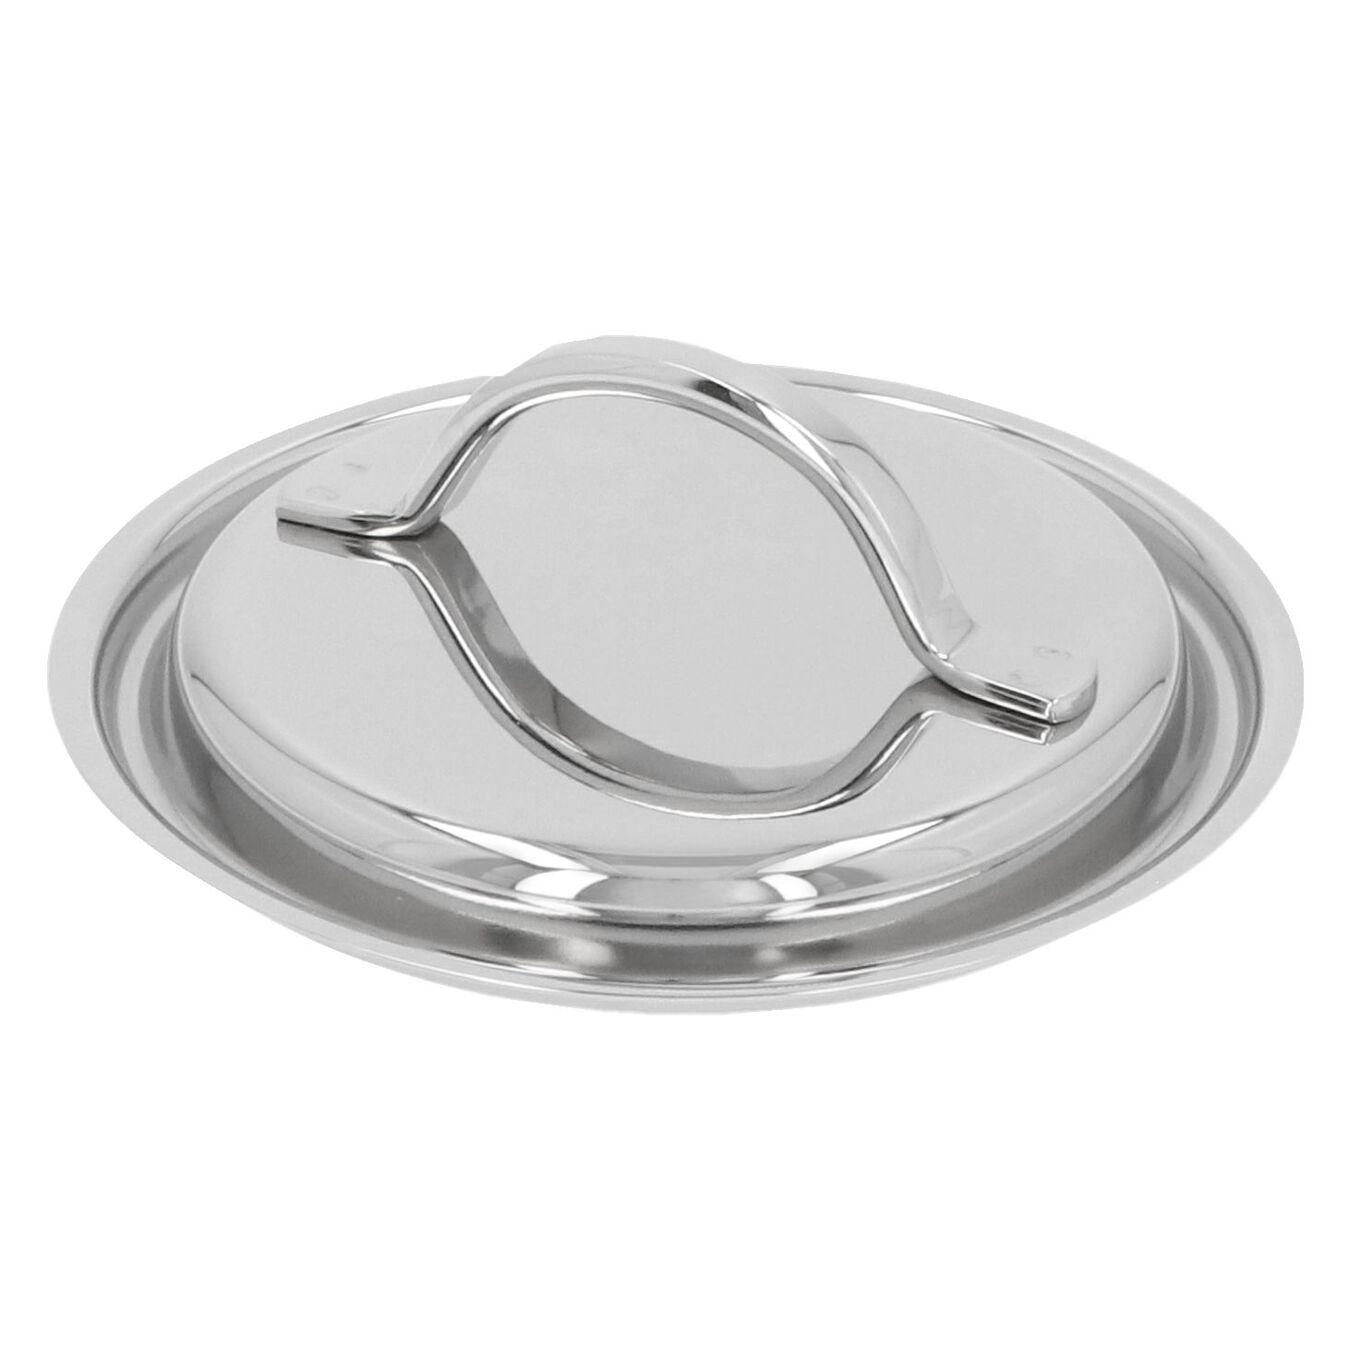 Steelpan met deksel 14 cm / 1 l,,large 6